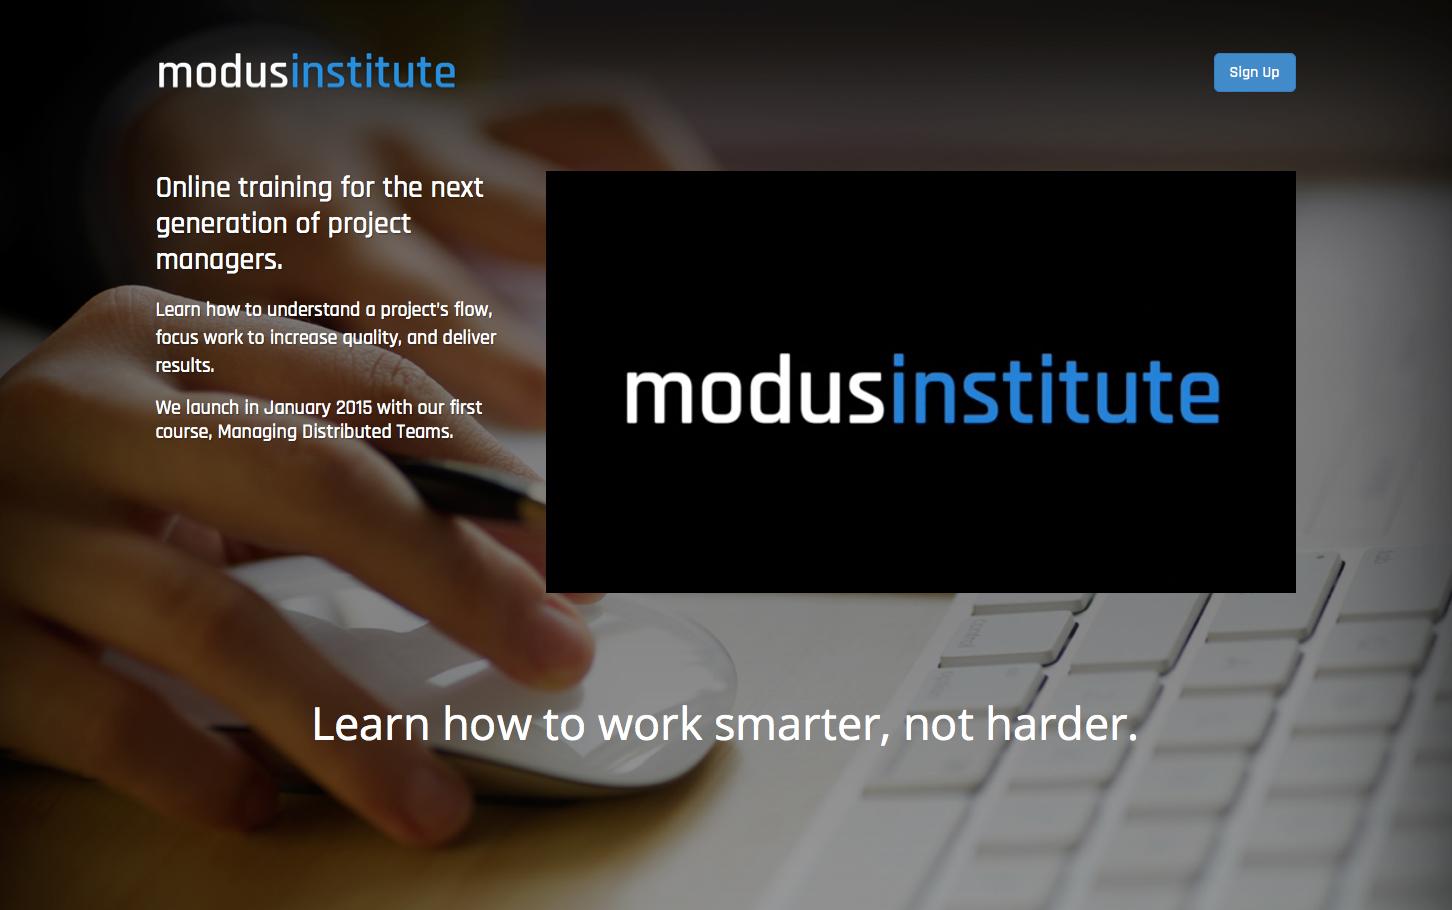 Modus Institute